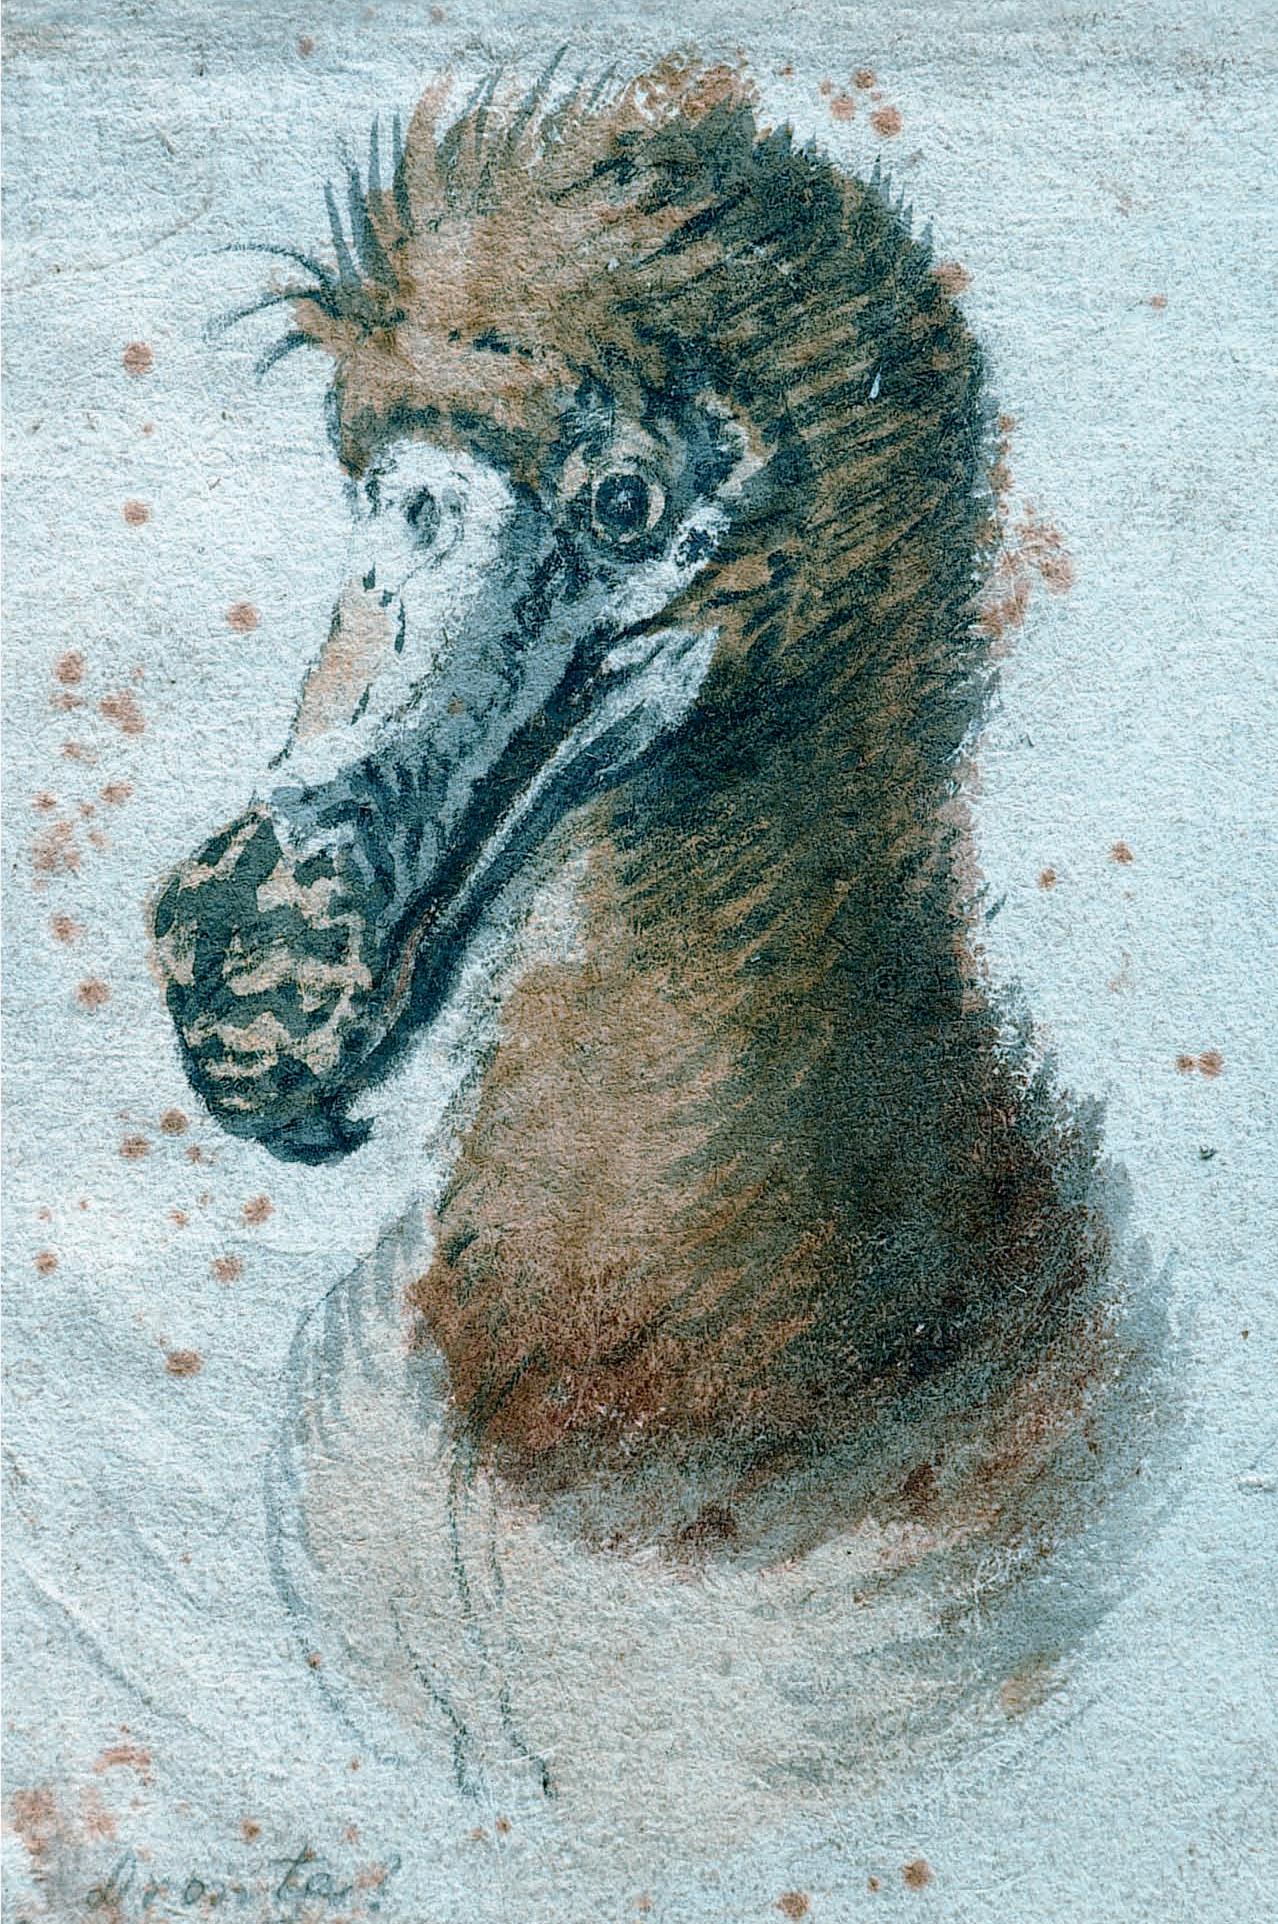 Saftleven Dodo, Mauritius, Raphus cucullatus, 1638